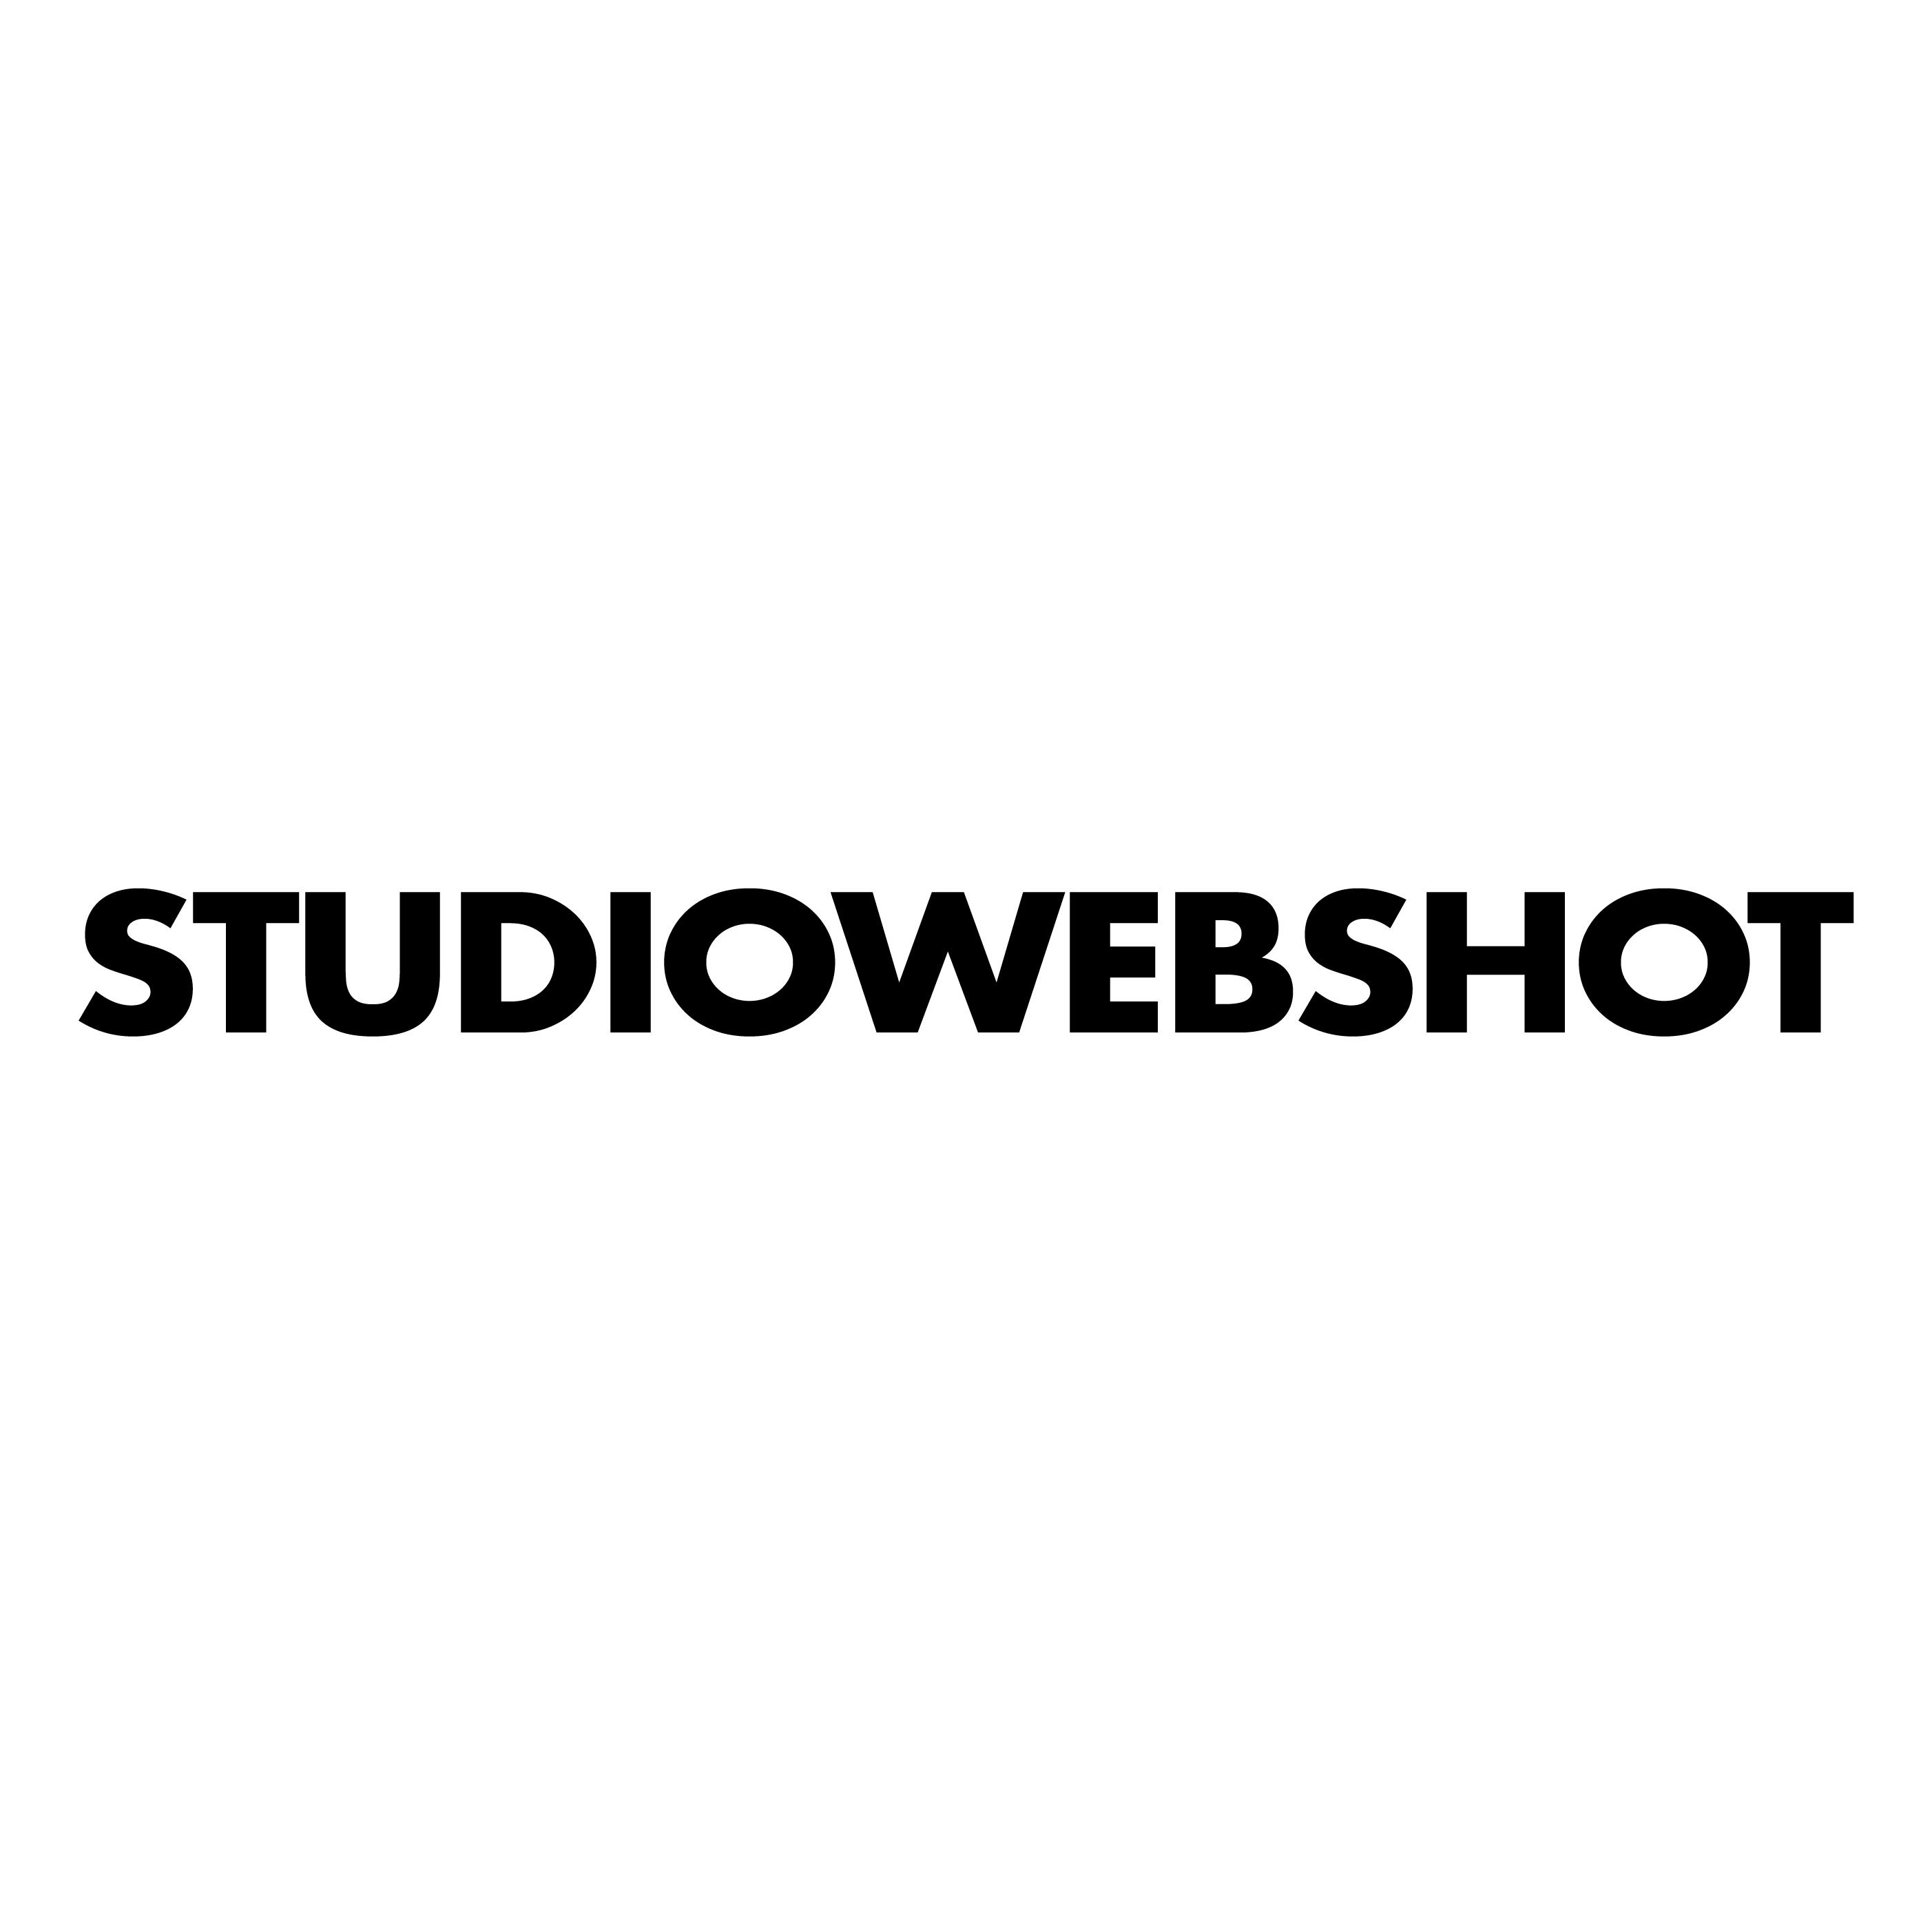 Studio Webshot